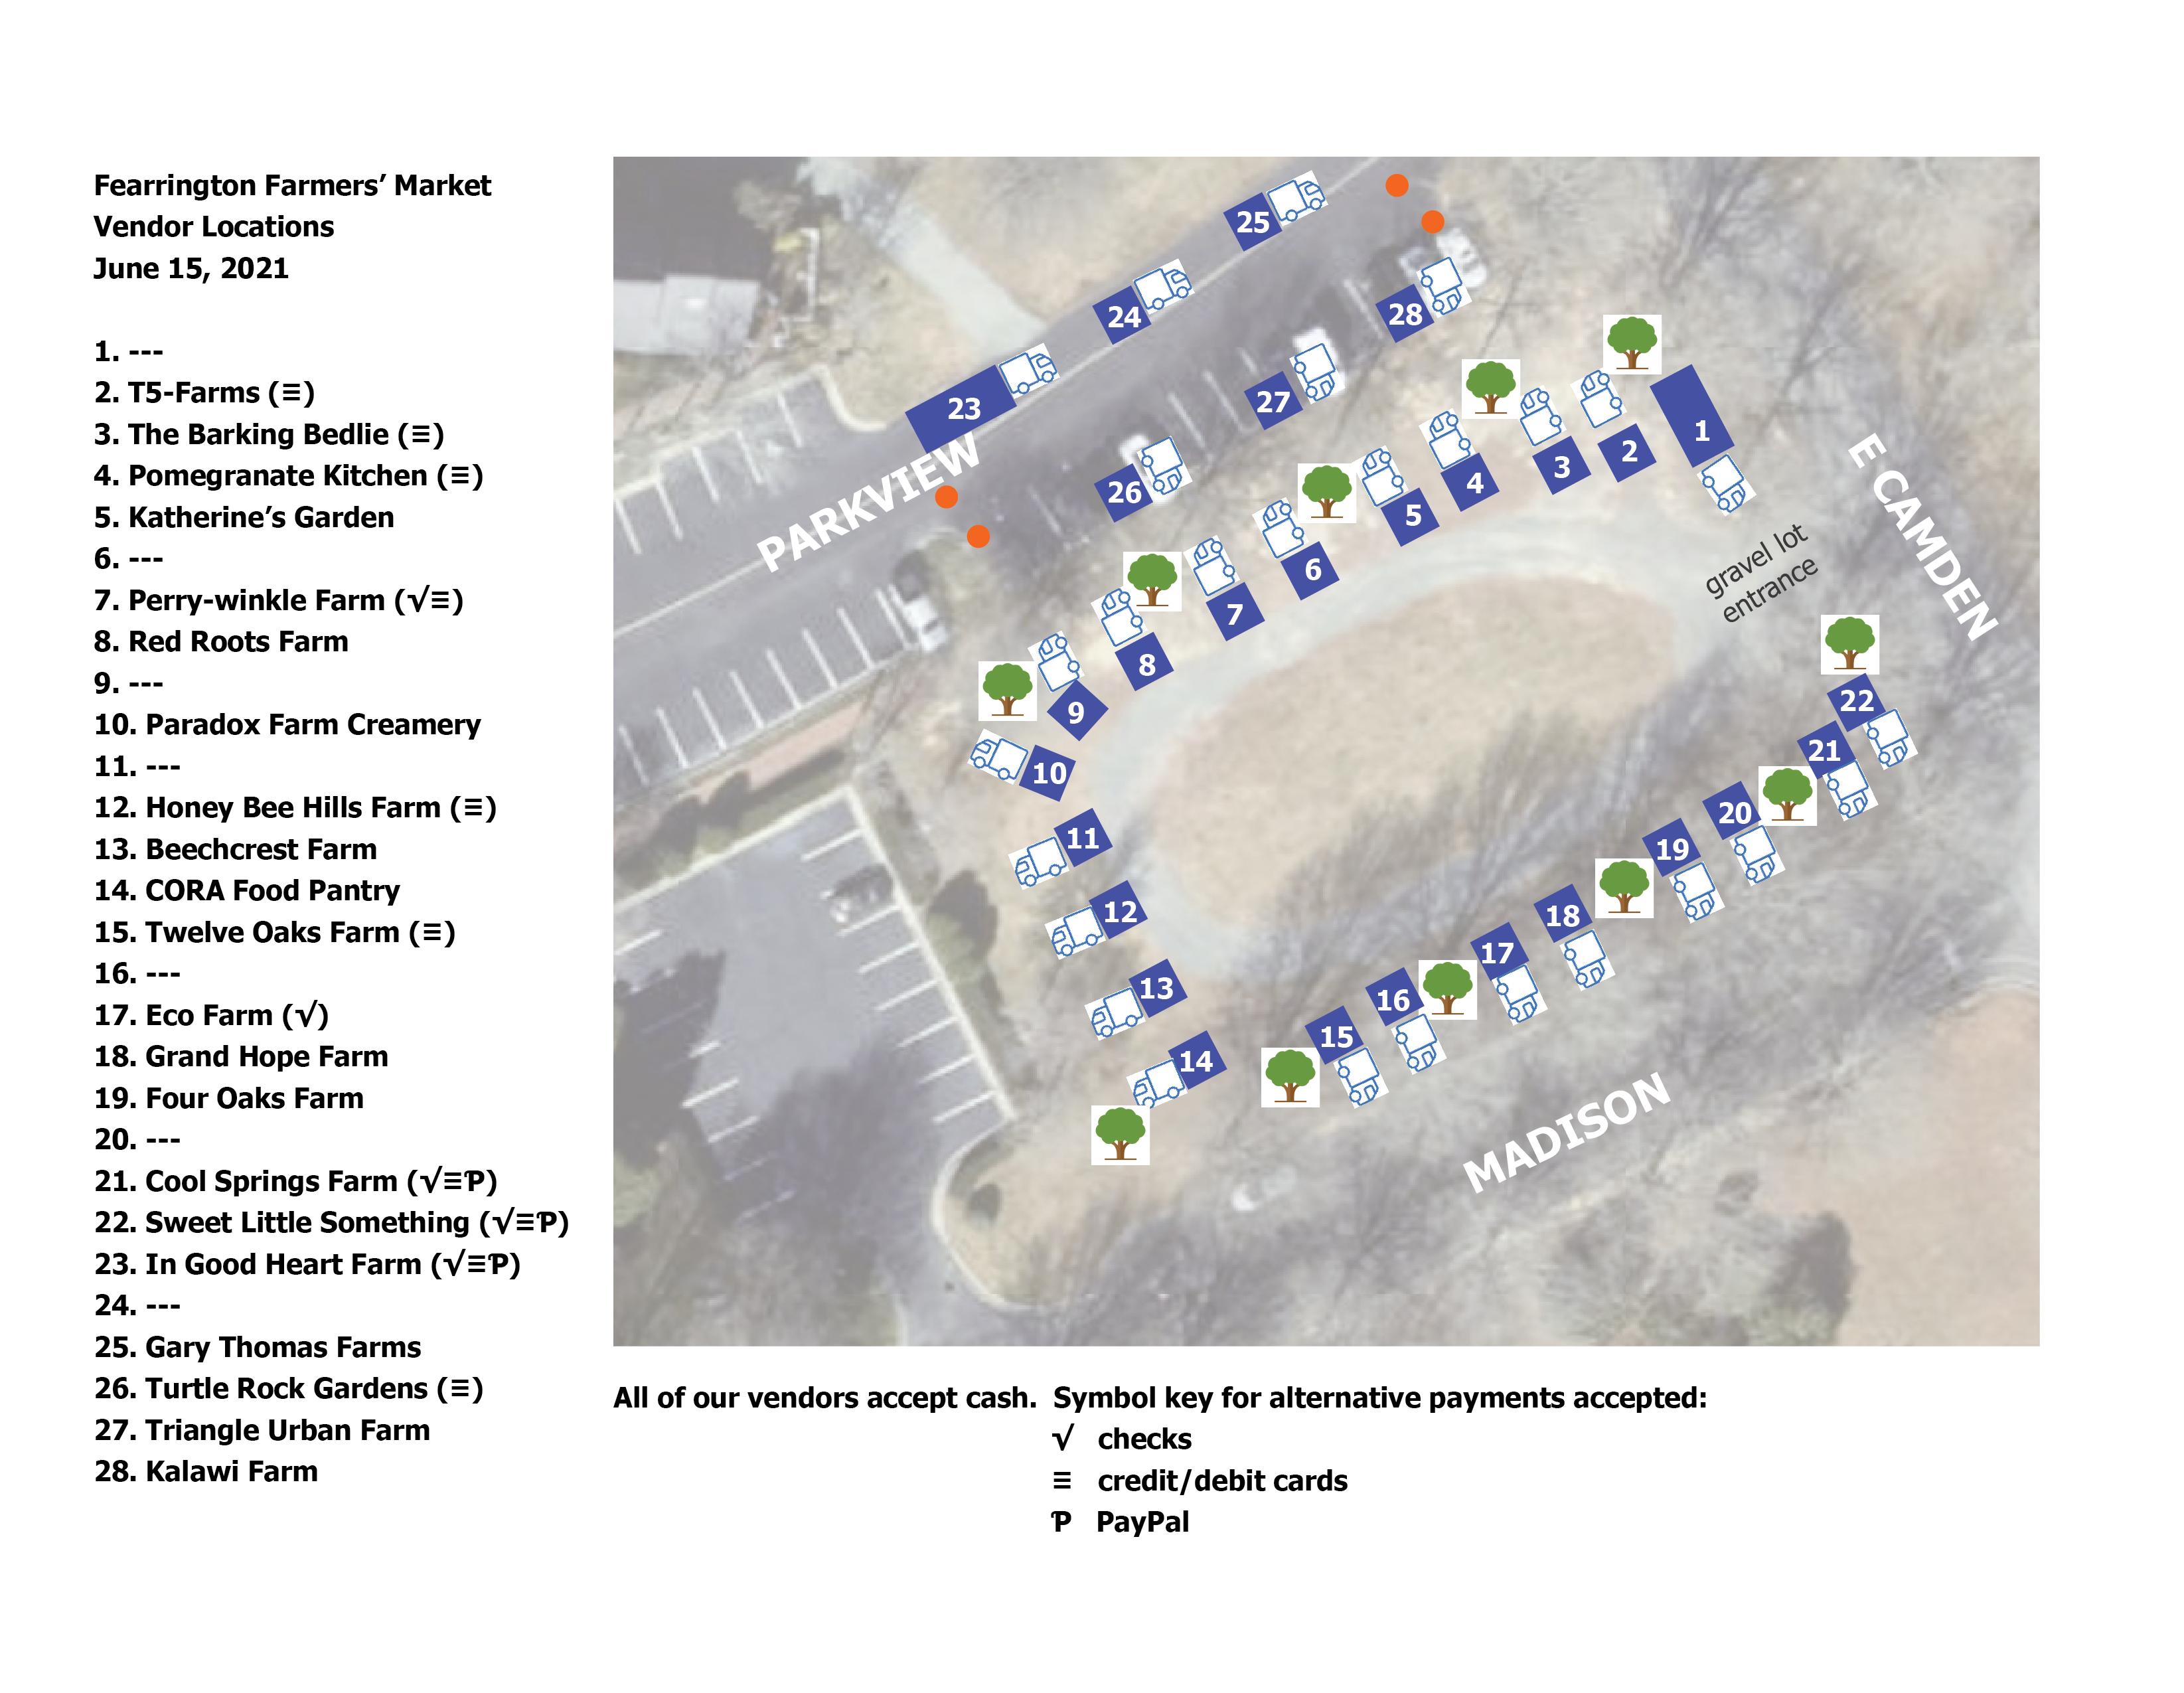 ffm vendor map 061521